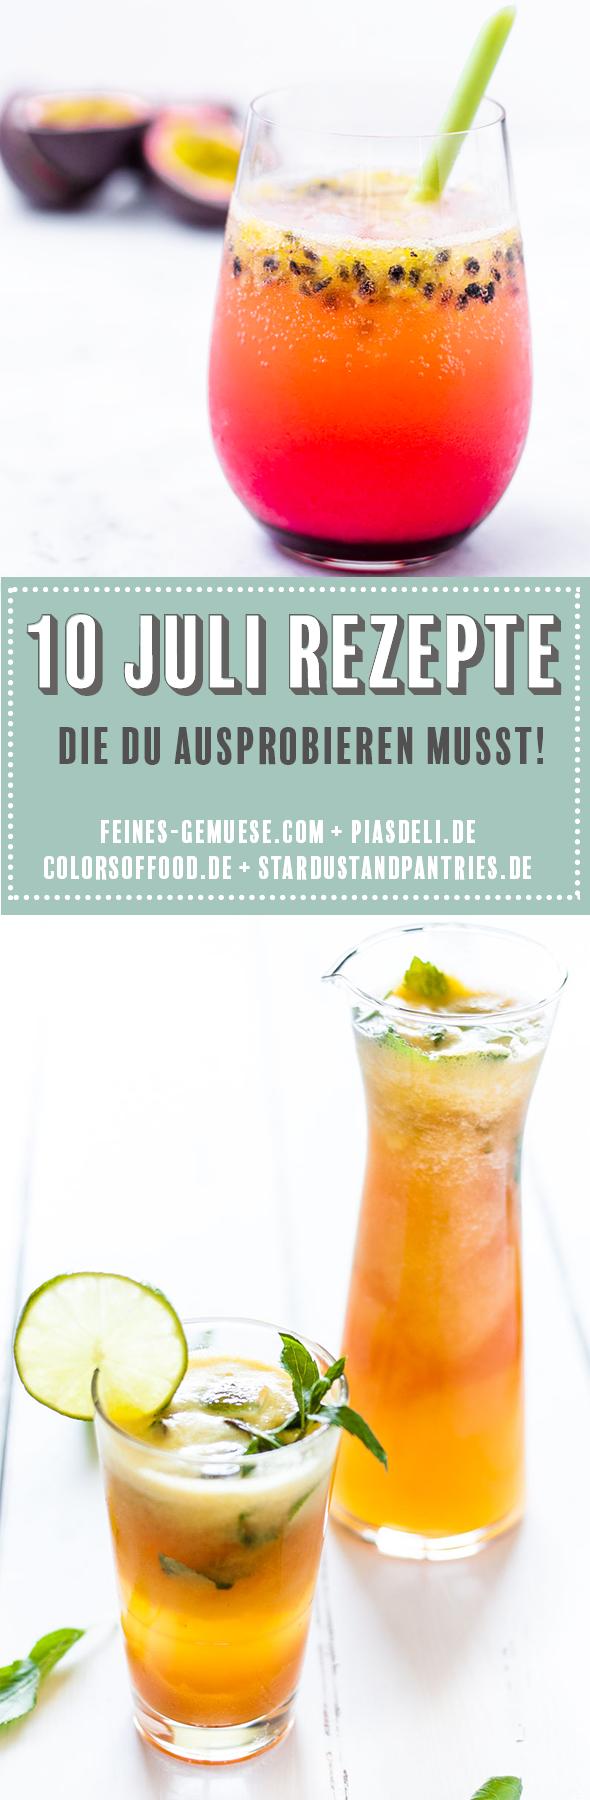 Saisonale Rezepte im Juli von deutschen Foodbloggern